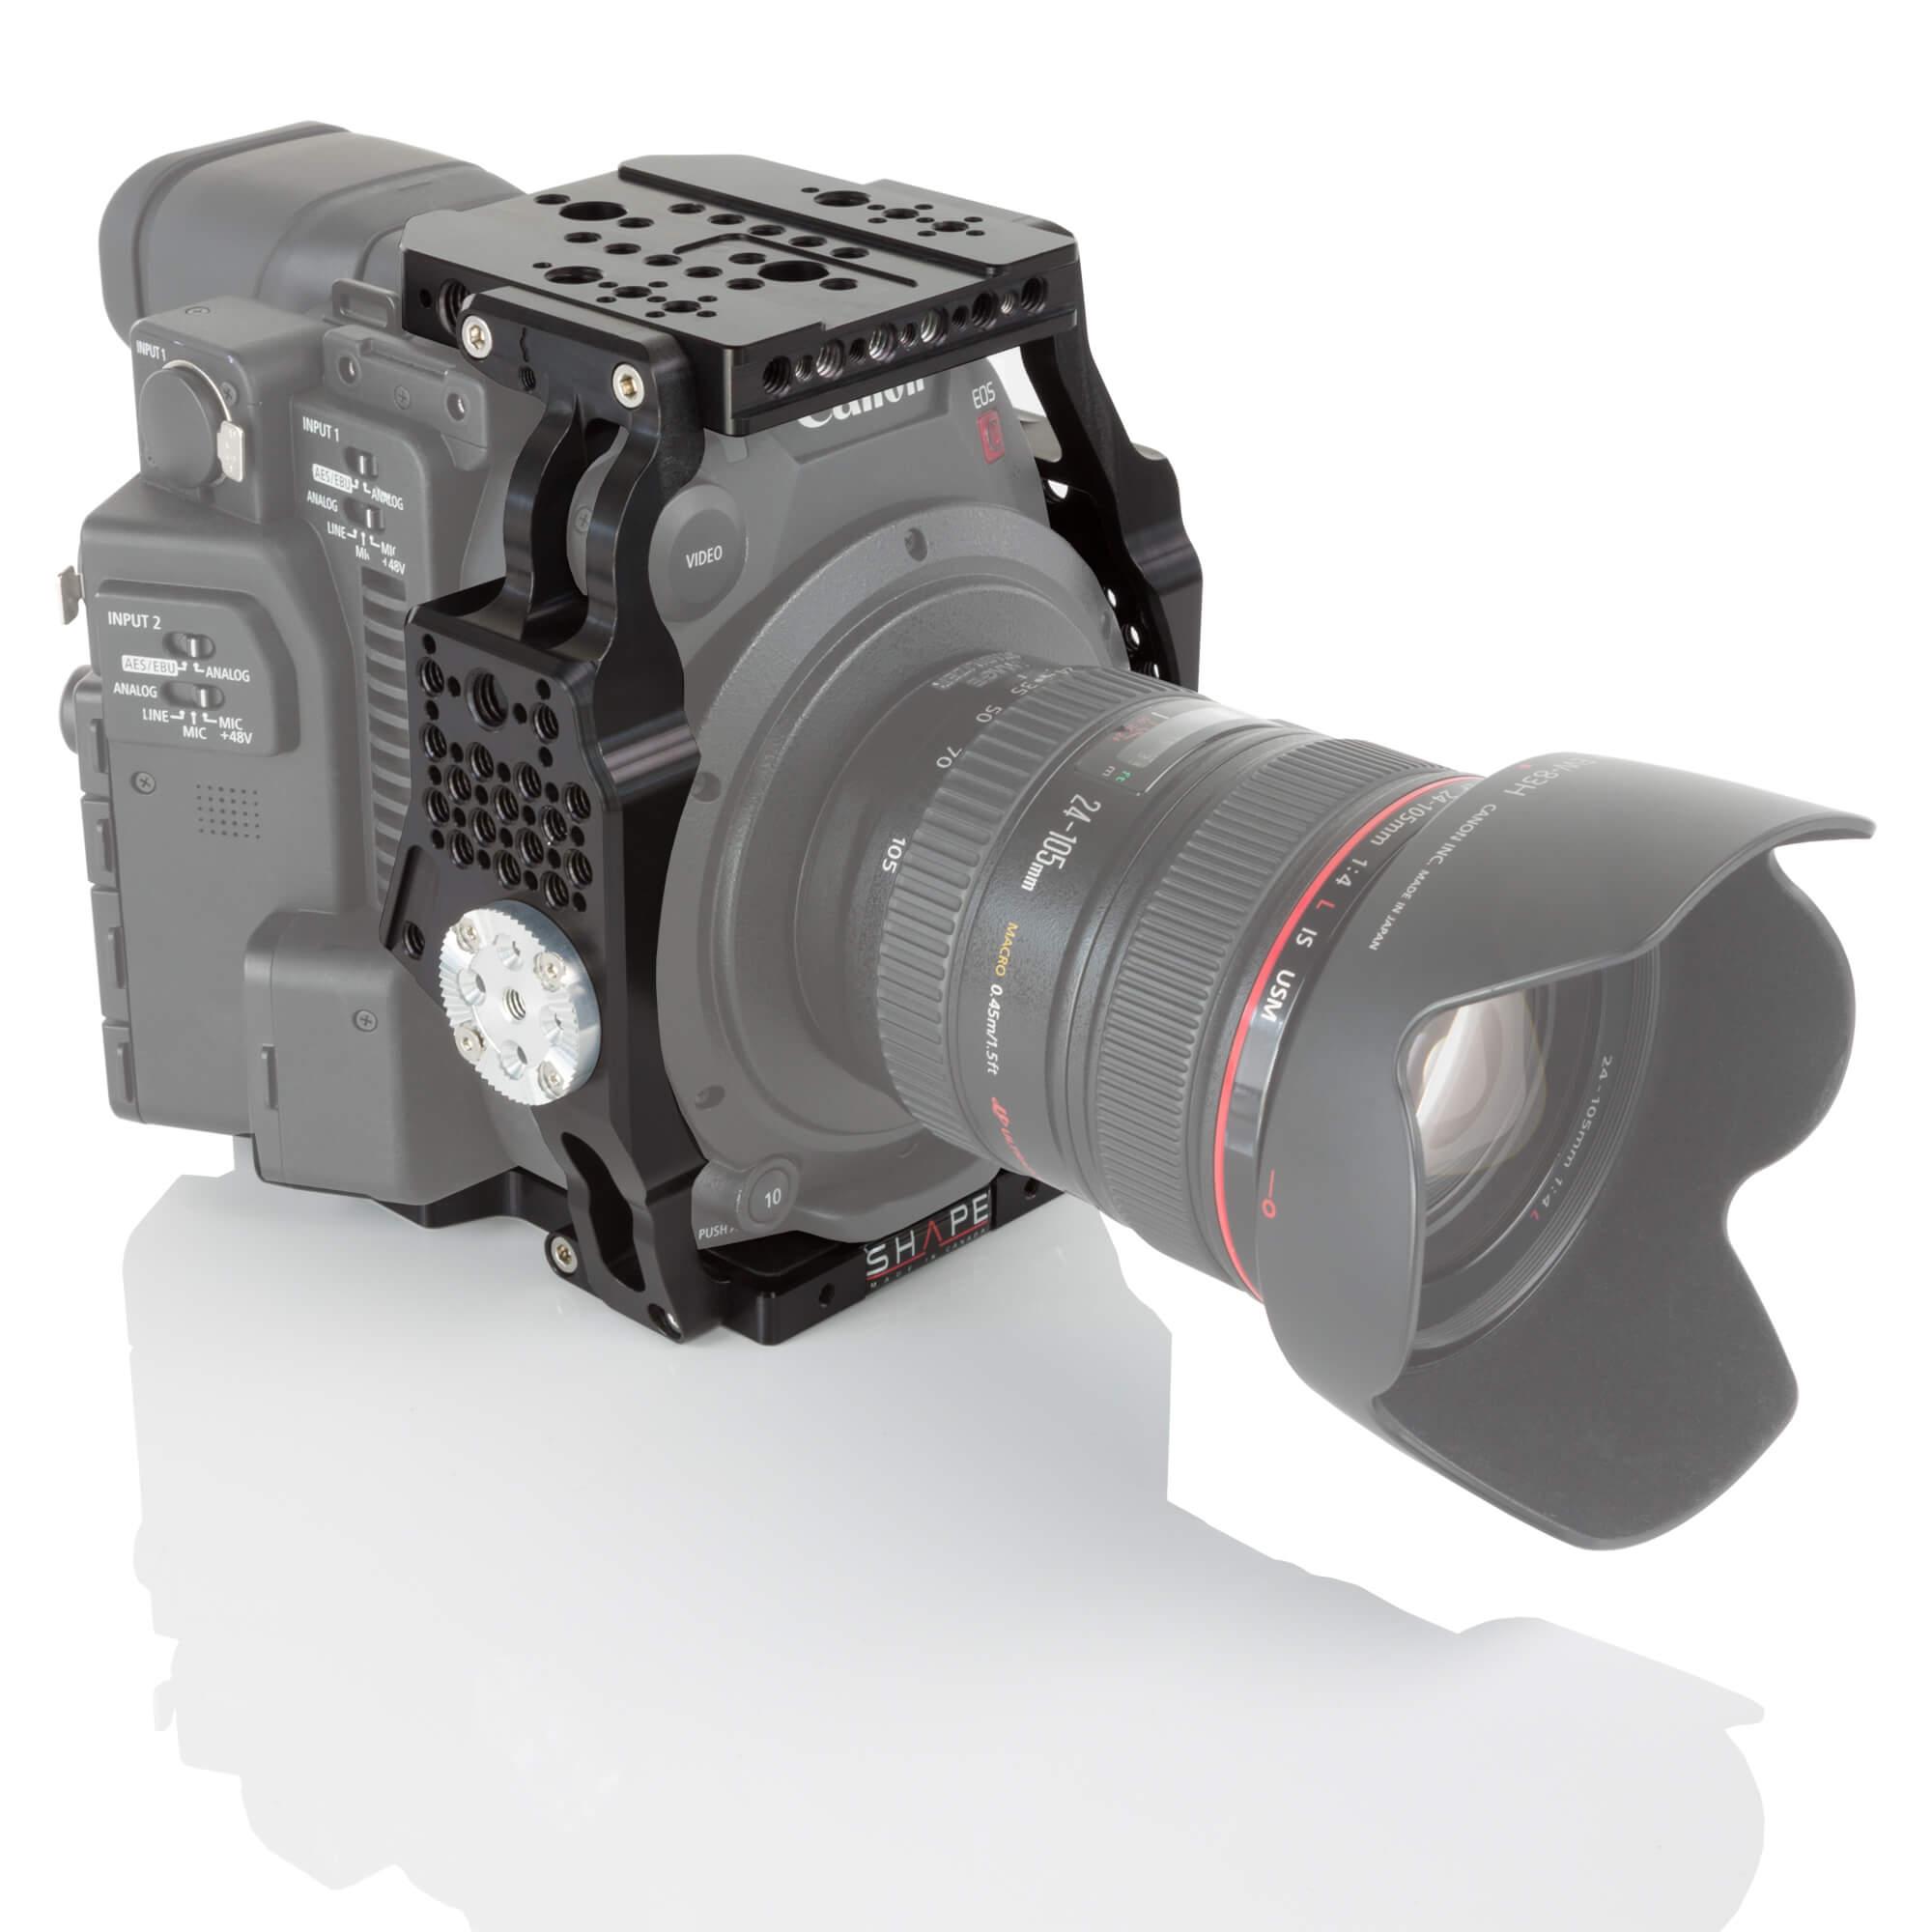 Canon C200 camera cage - SHAPE